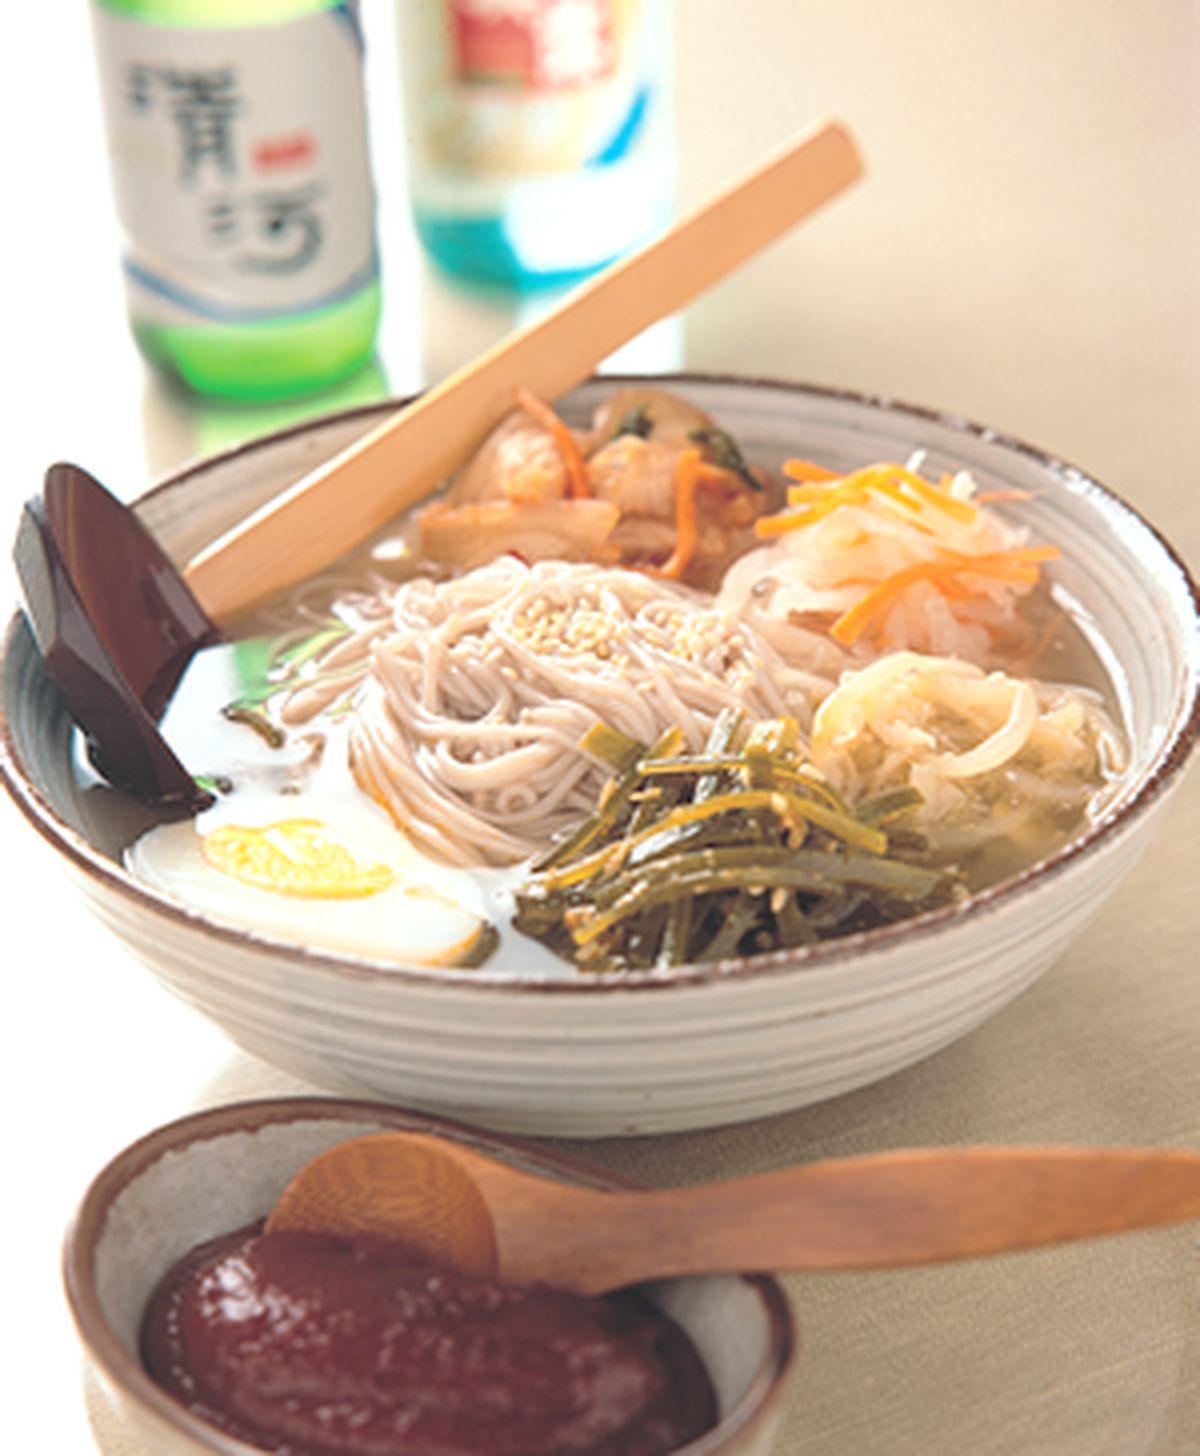 食譜:泡菜冷湯麵